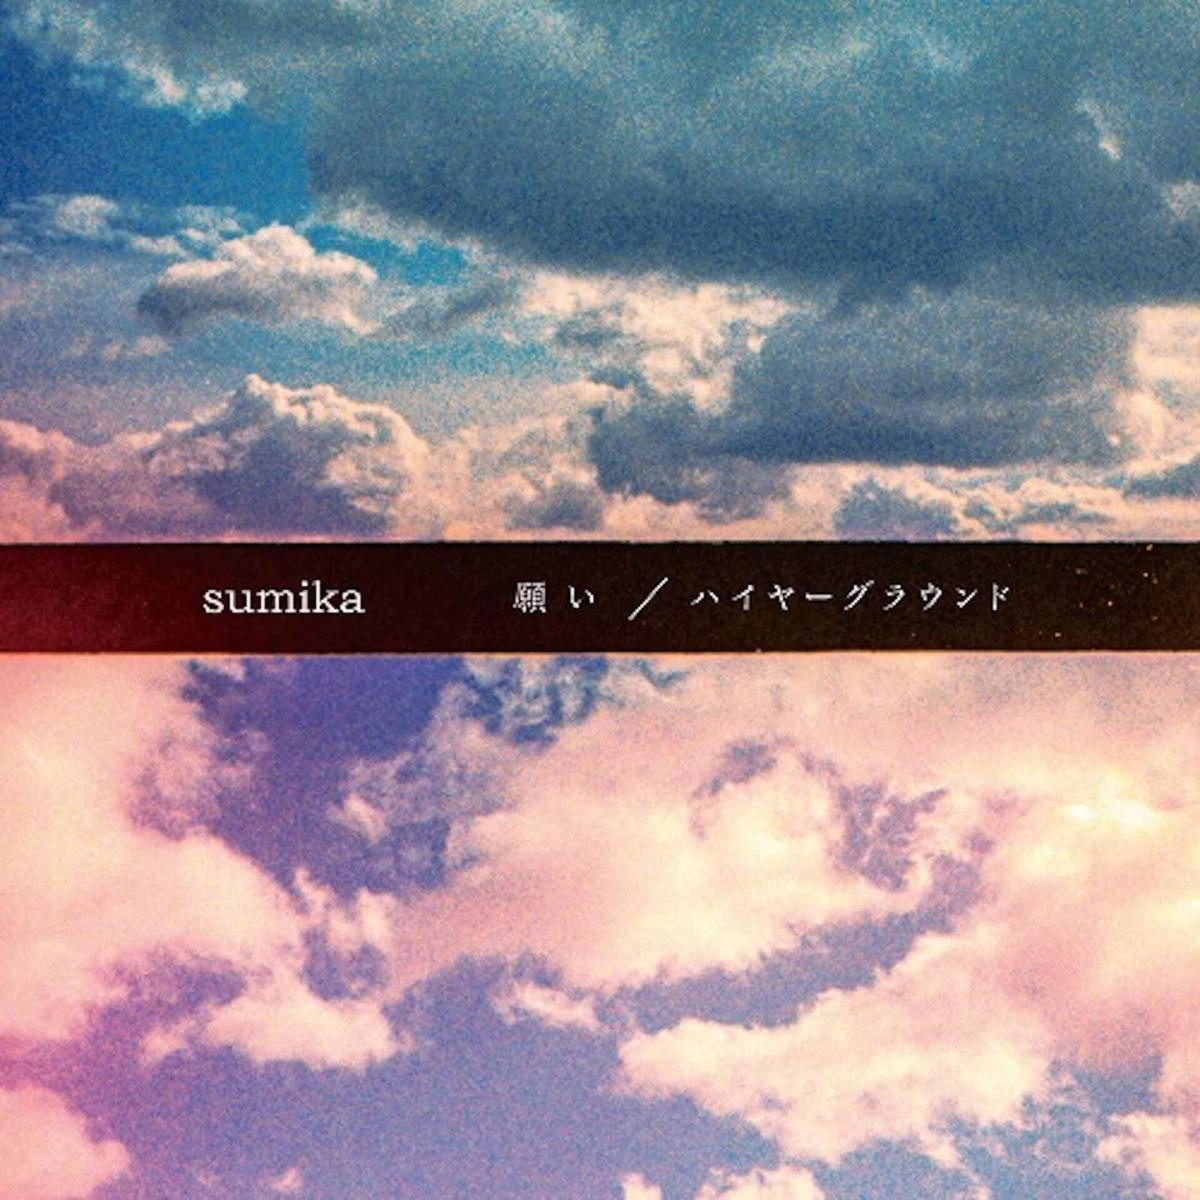 『sumika - 願い』収録の『願い/ハイヤーグラウンド』ジャケット